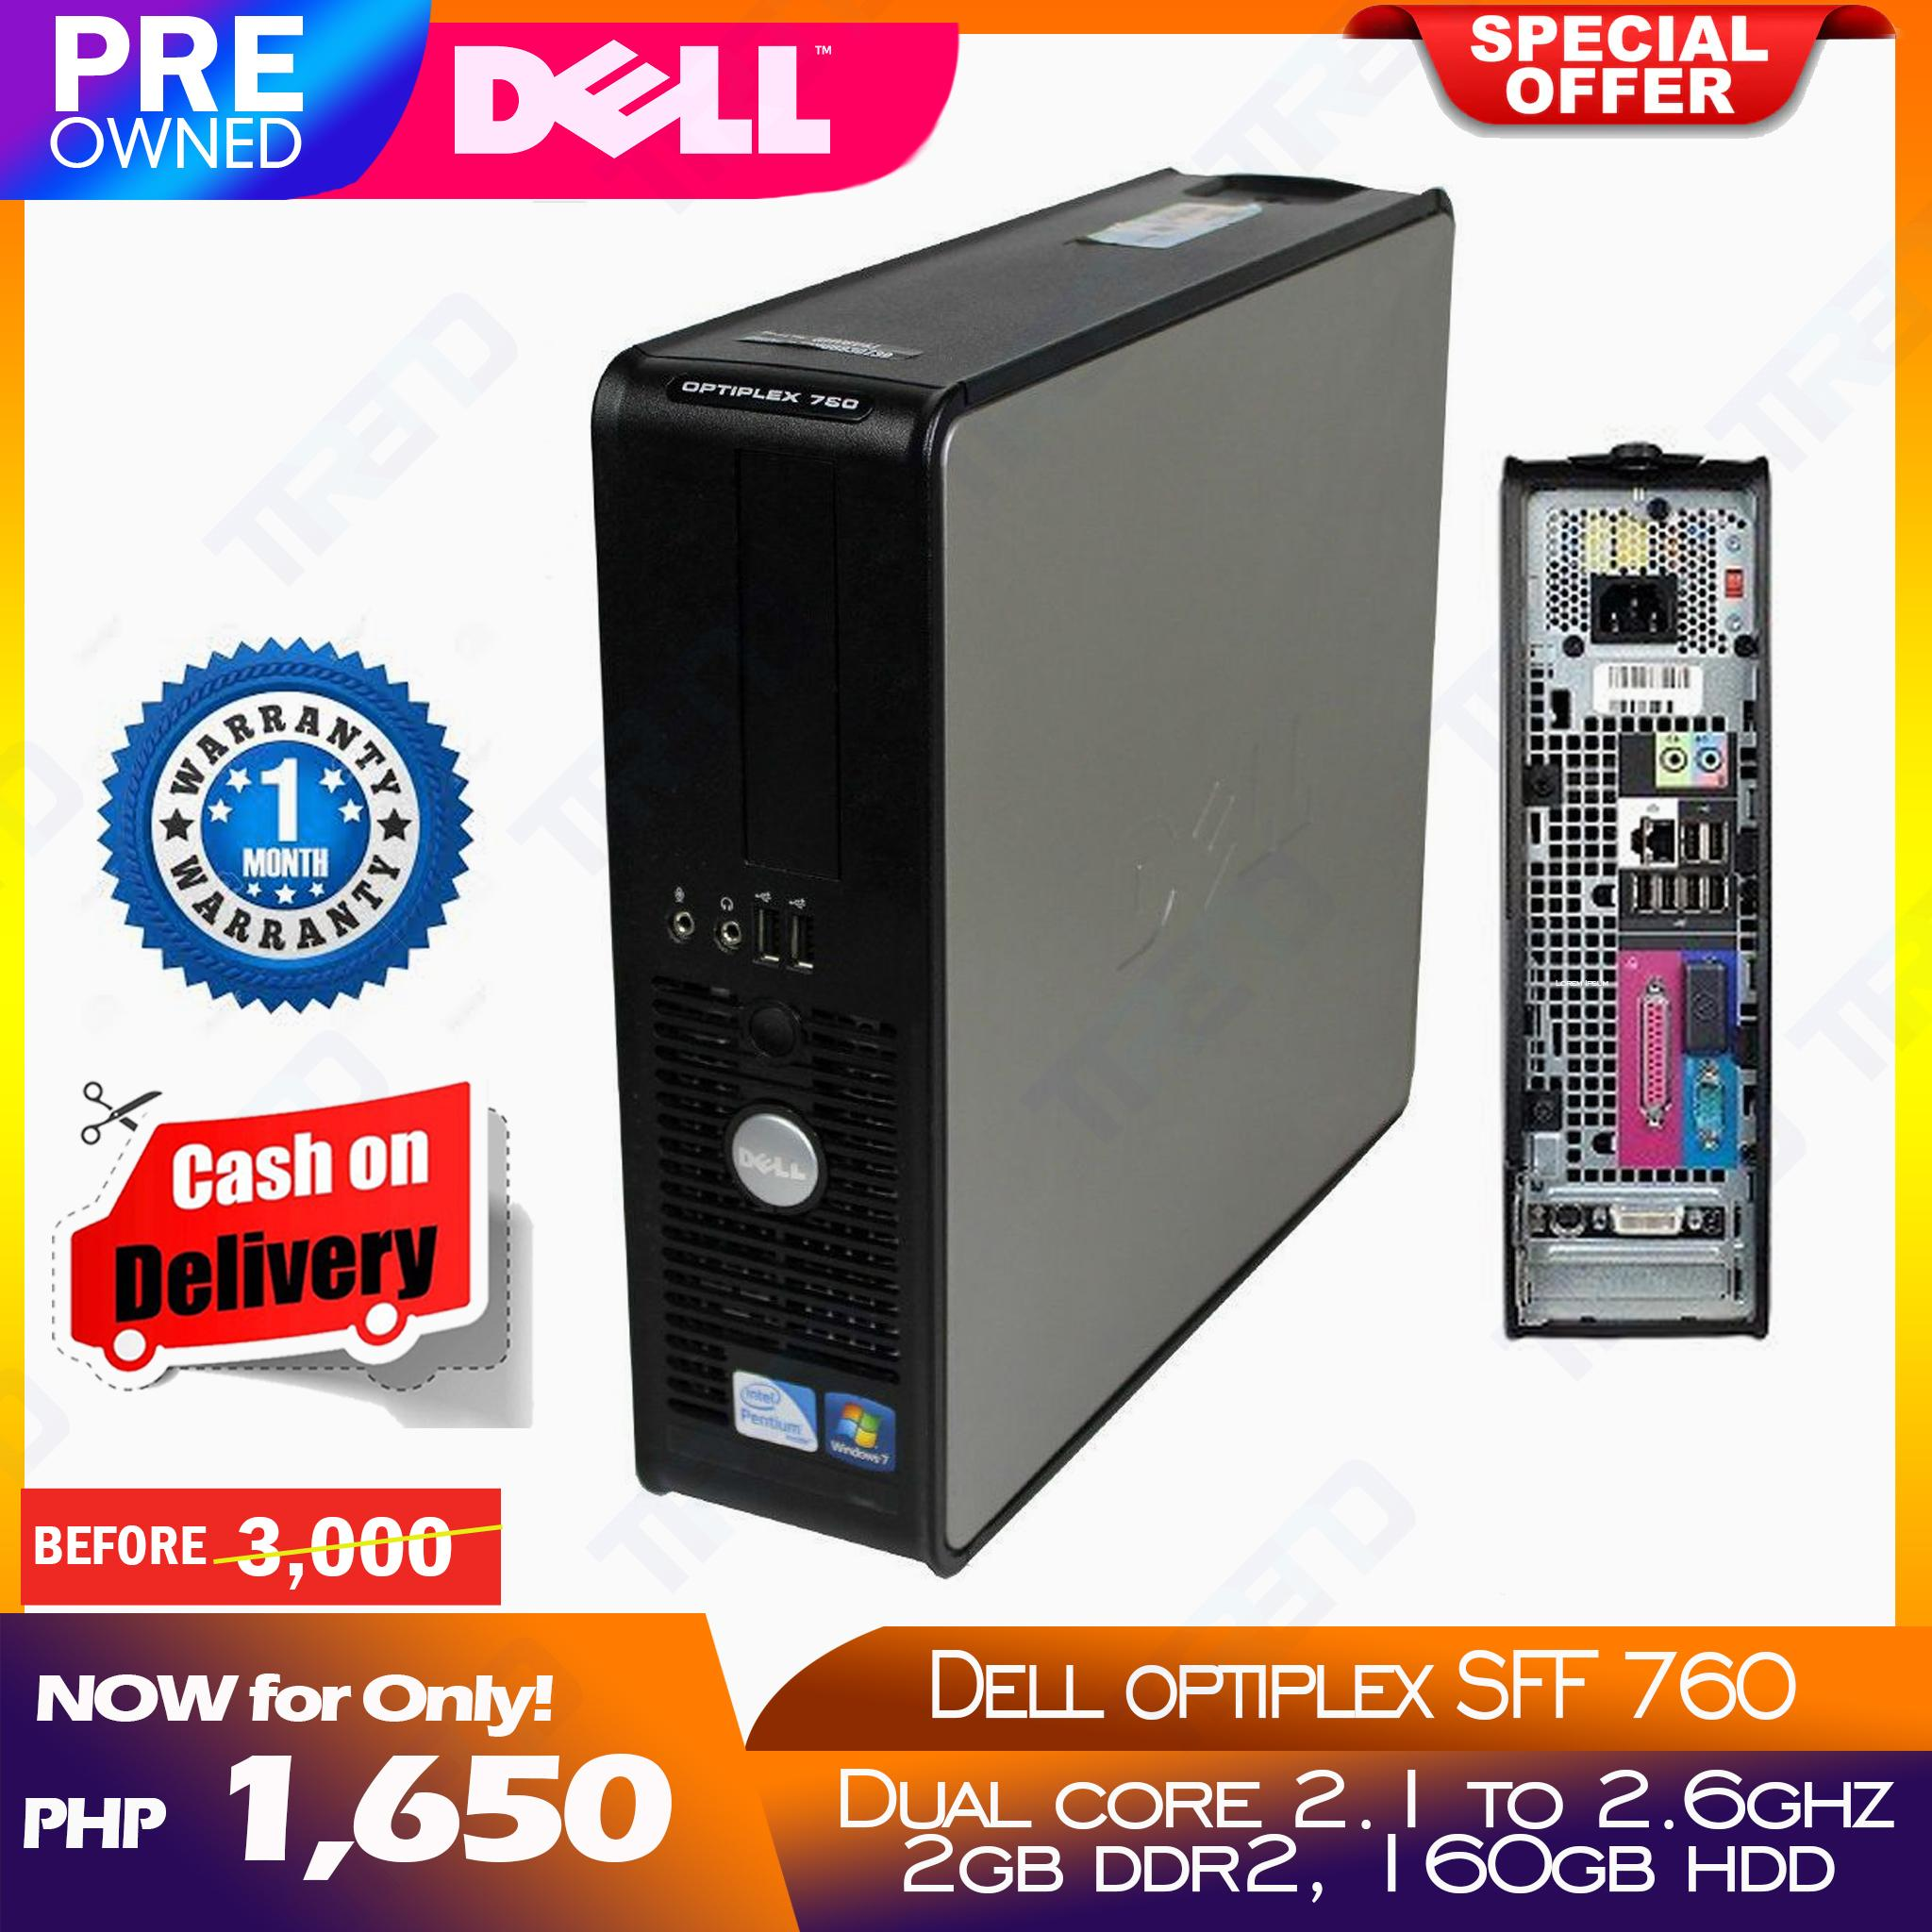 Dell Optiplex 760 SFF Slim Desktop PC